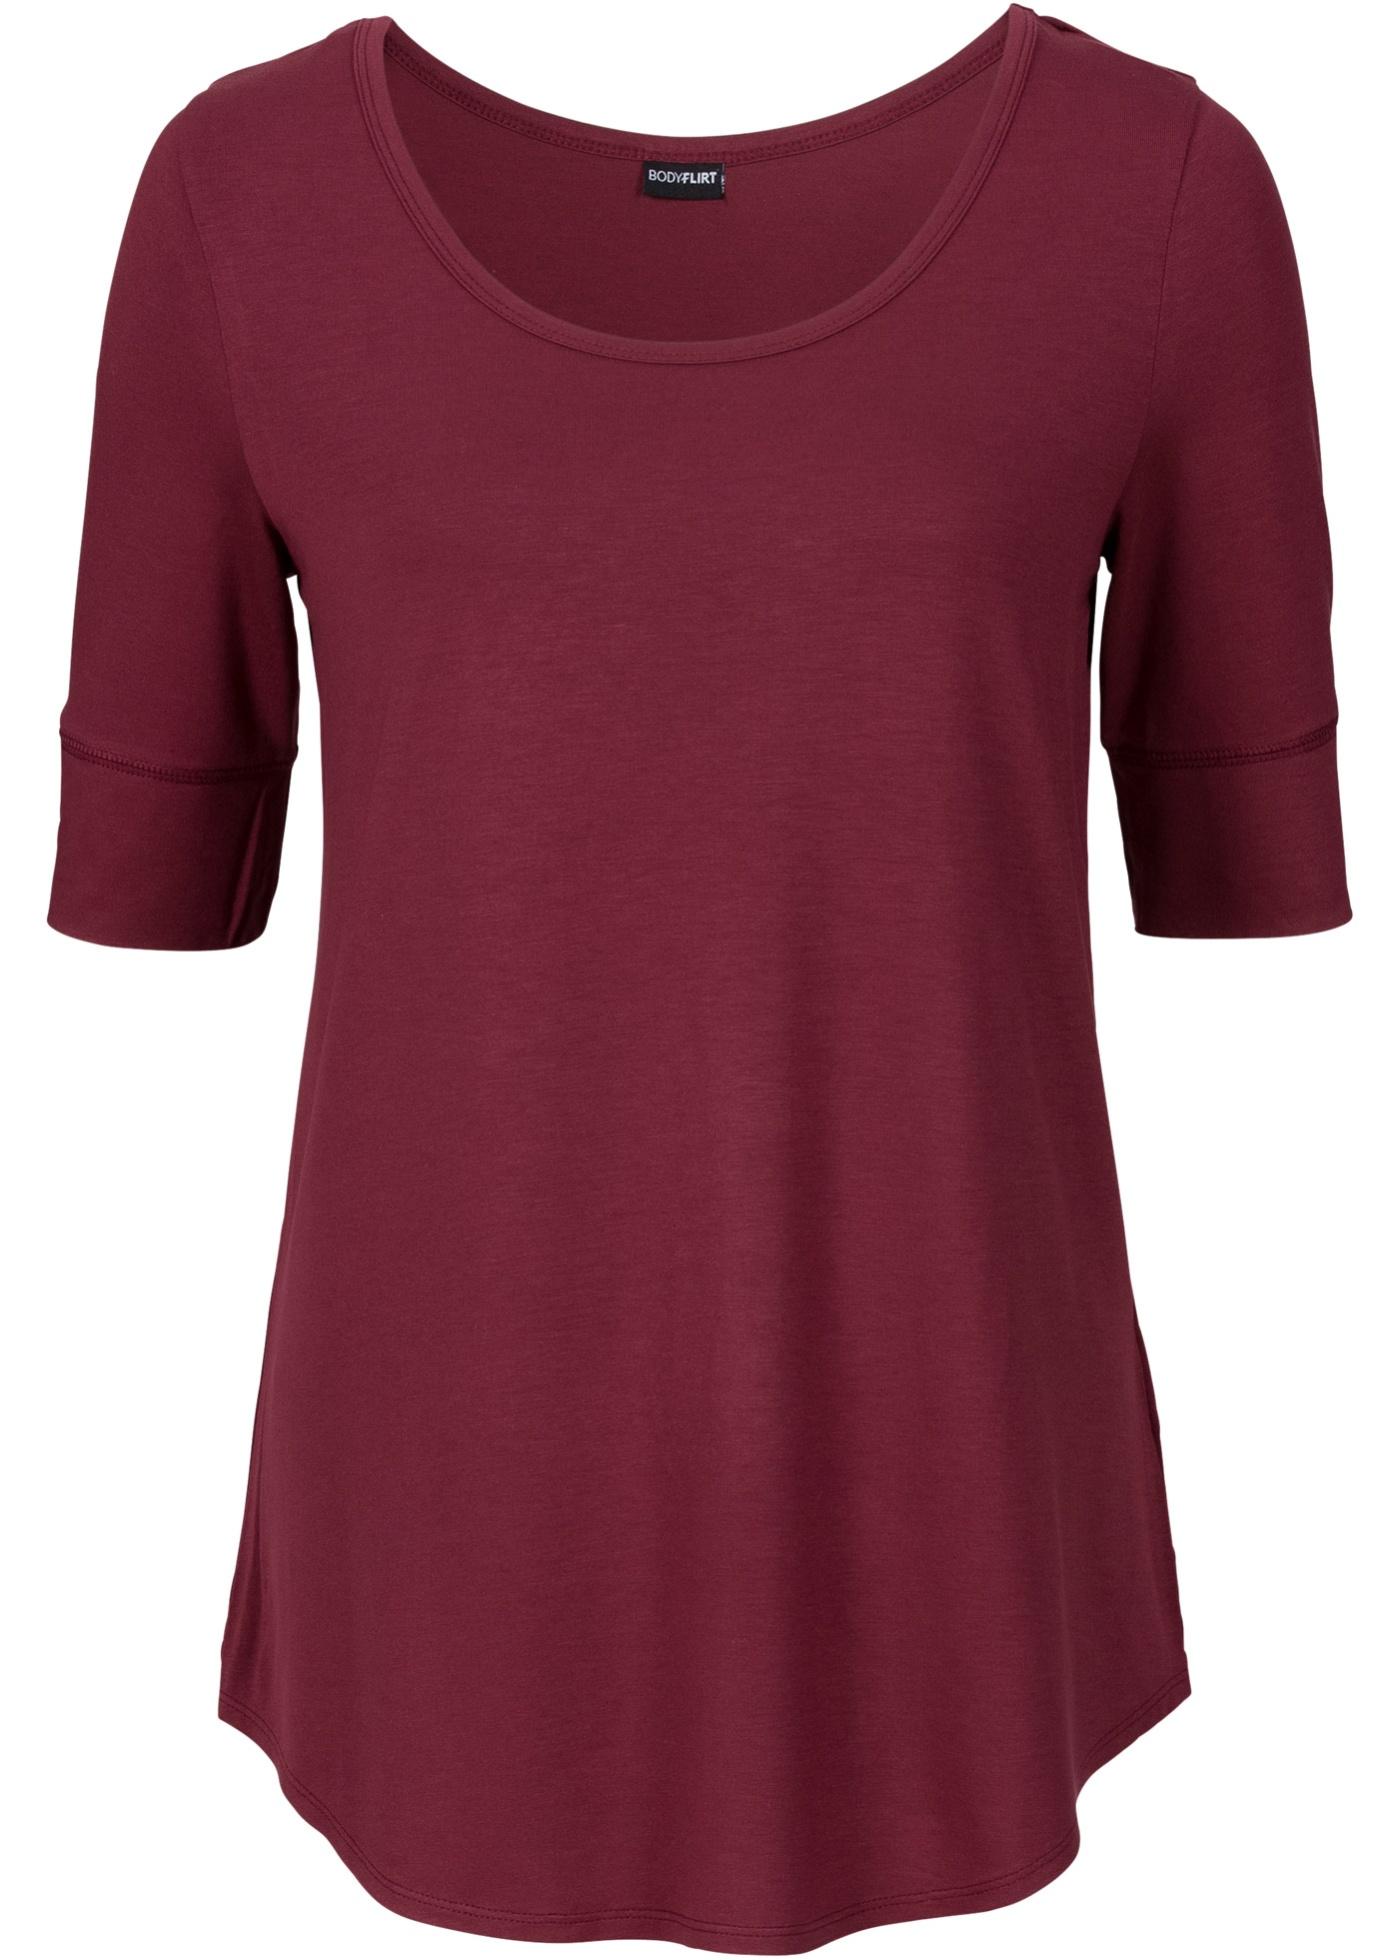 Bodyflirt BonprixT Rouge Femme shirt 4 Pour Manches 3 jUVpGMLqSz